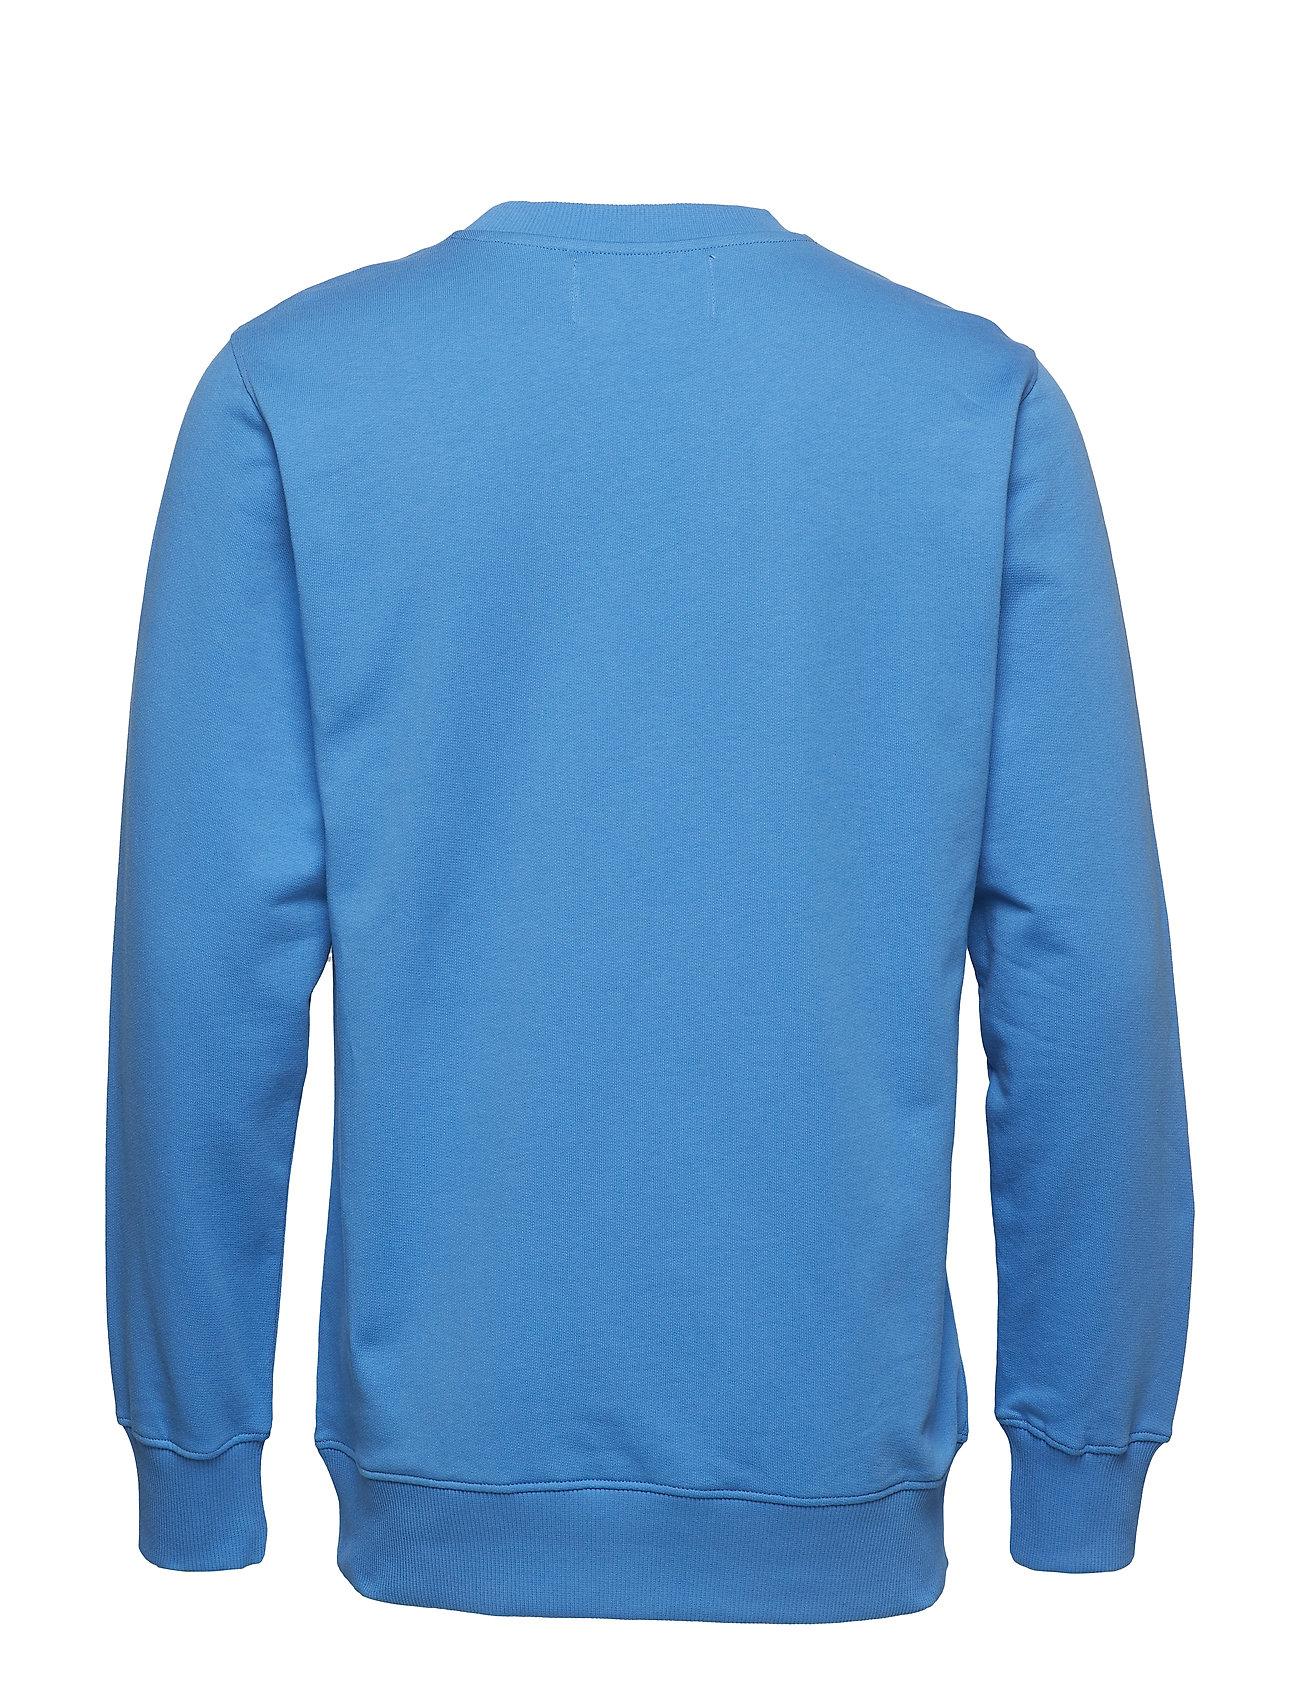 Klein Institutional Institutional Logo Jeans SweatshirtregattaCalvin 8Nnmw0